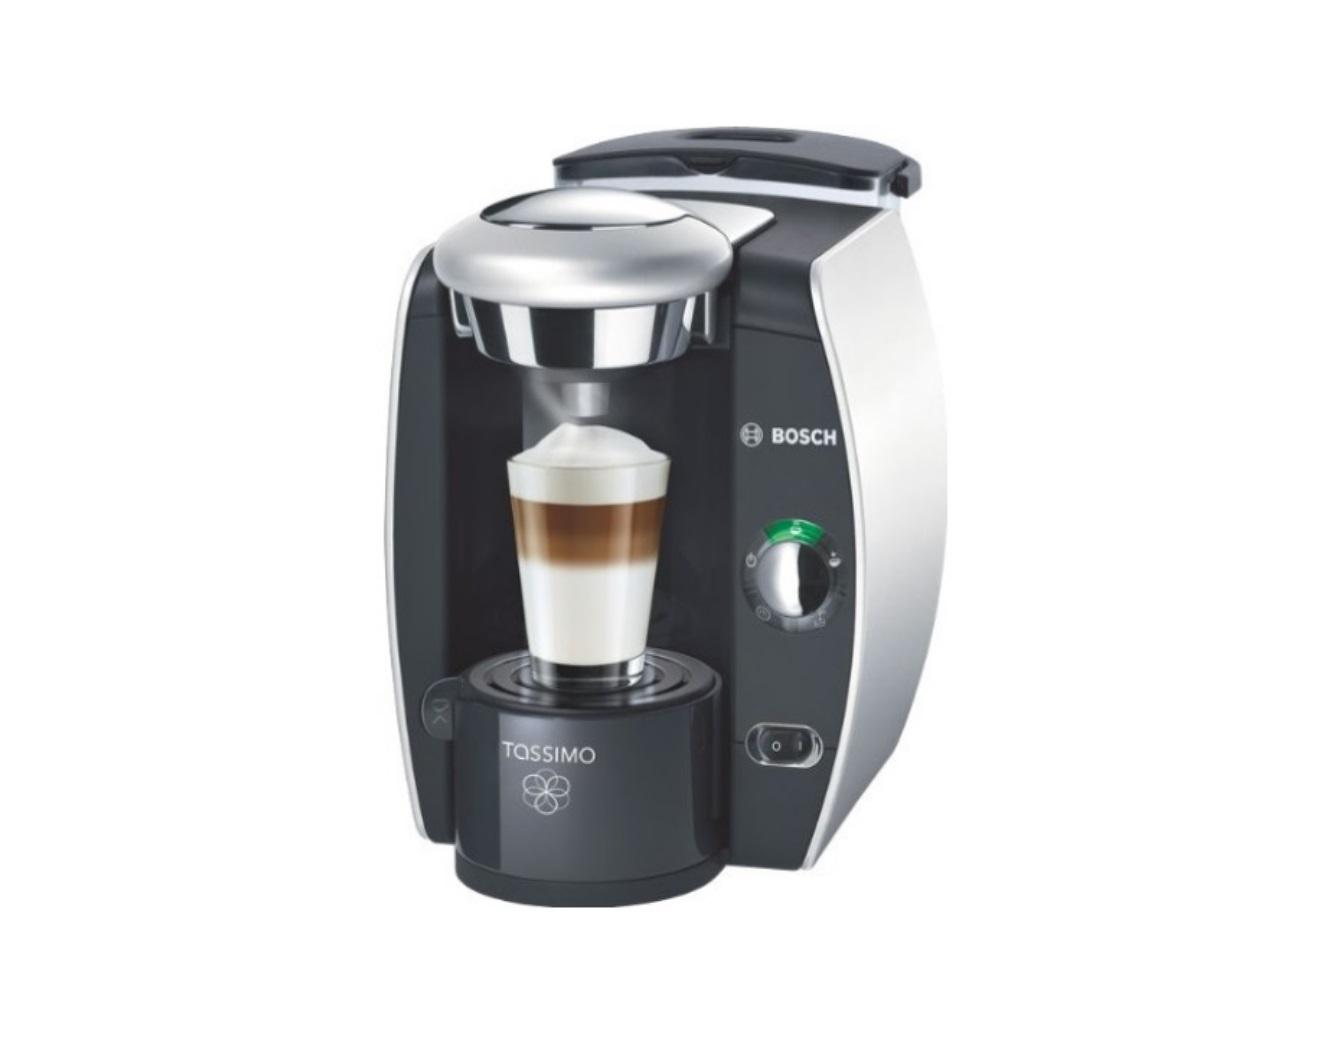 bosch tassimo maschine im test kaffeemaschinen preisvergleich